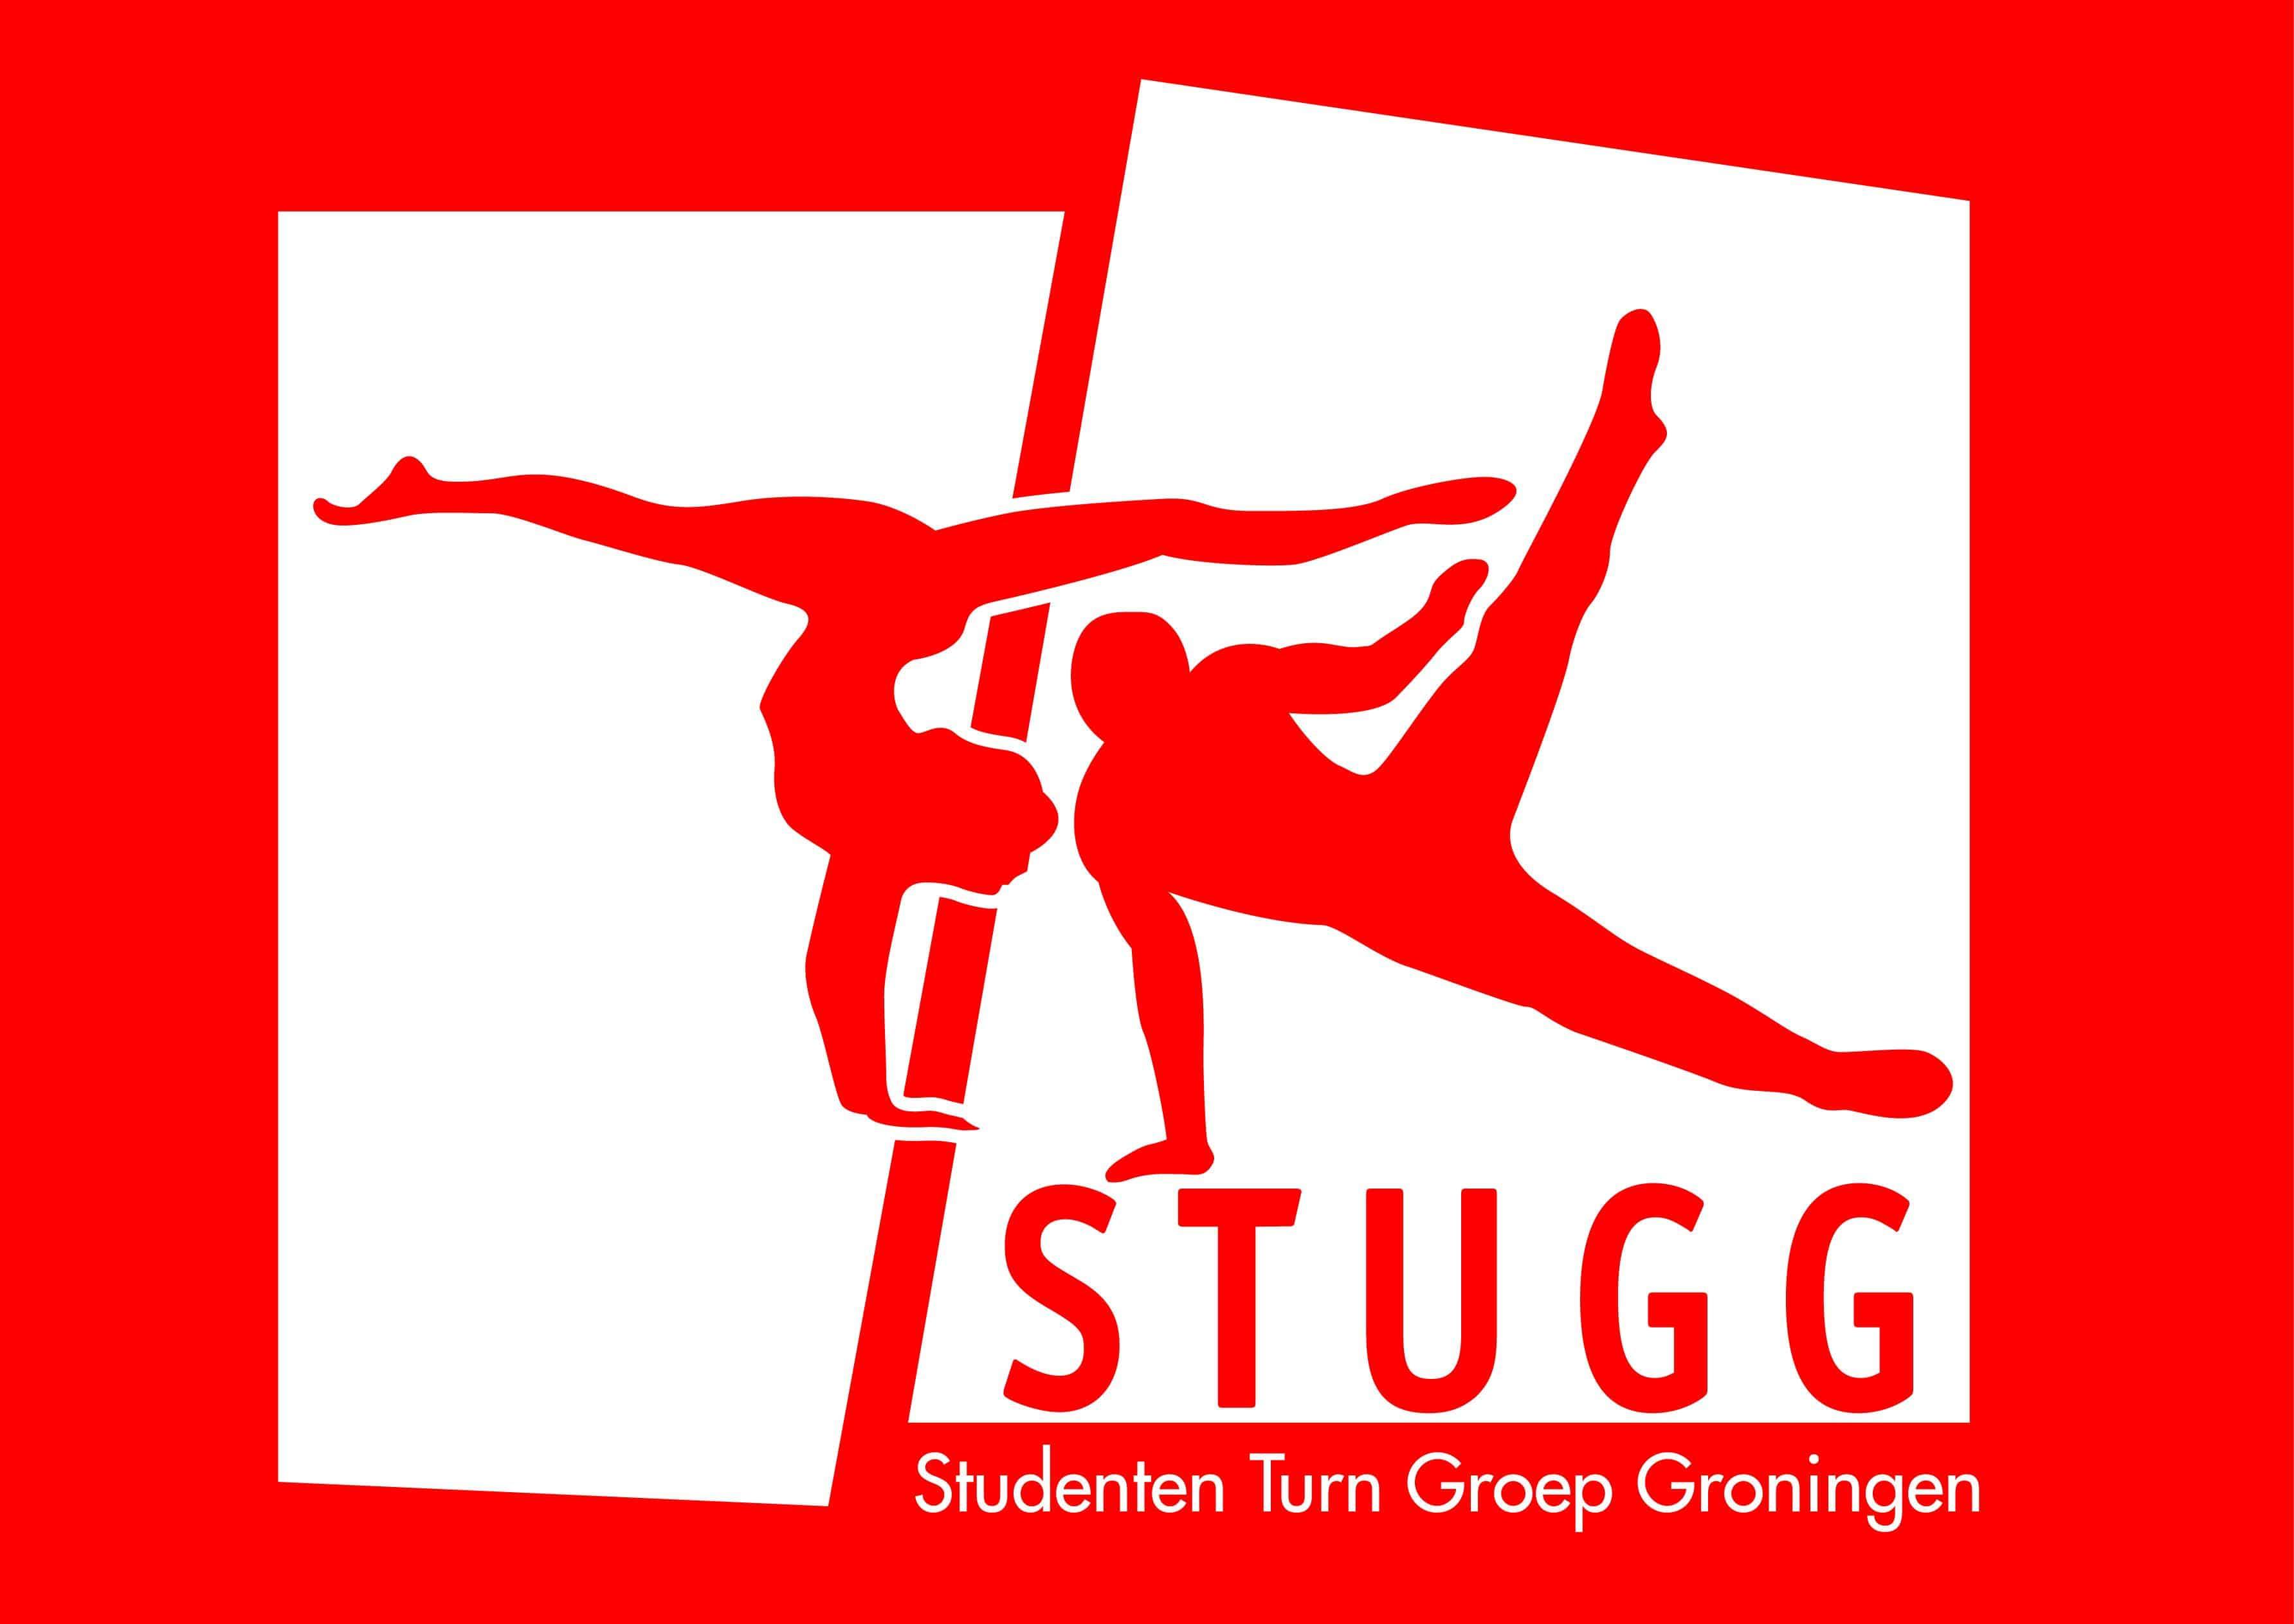 STUGG (Studenten TUrn Groep Groningen)